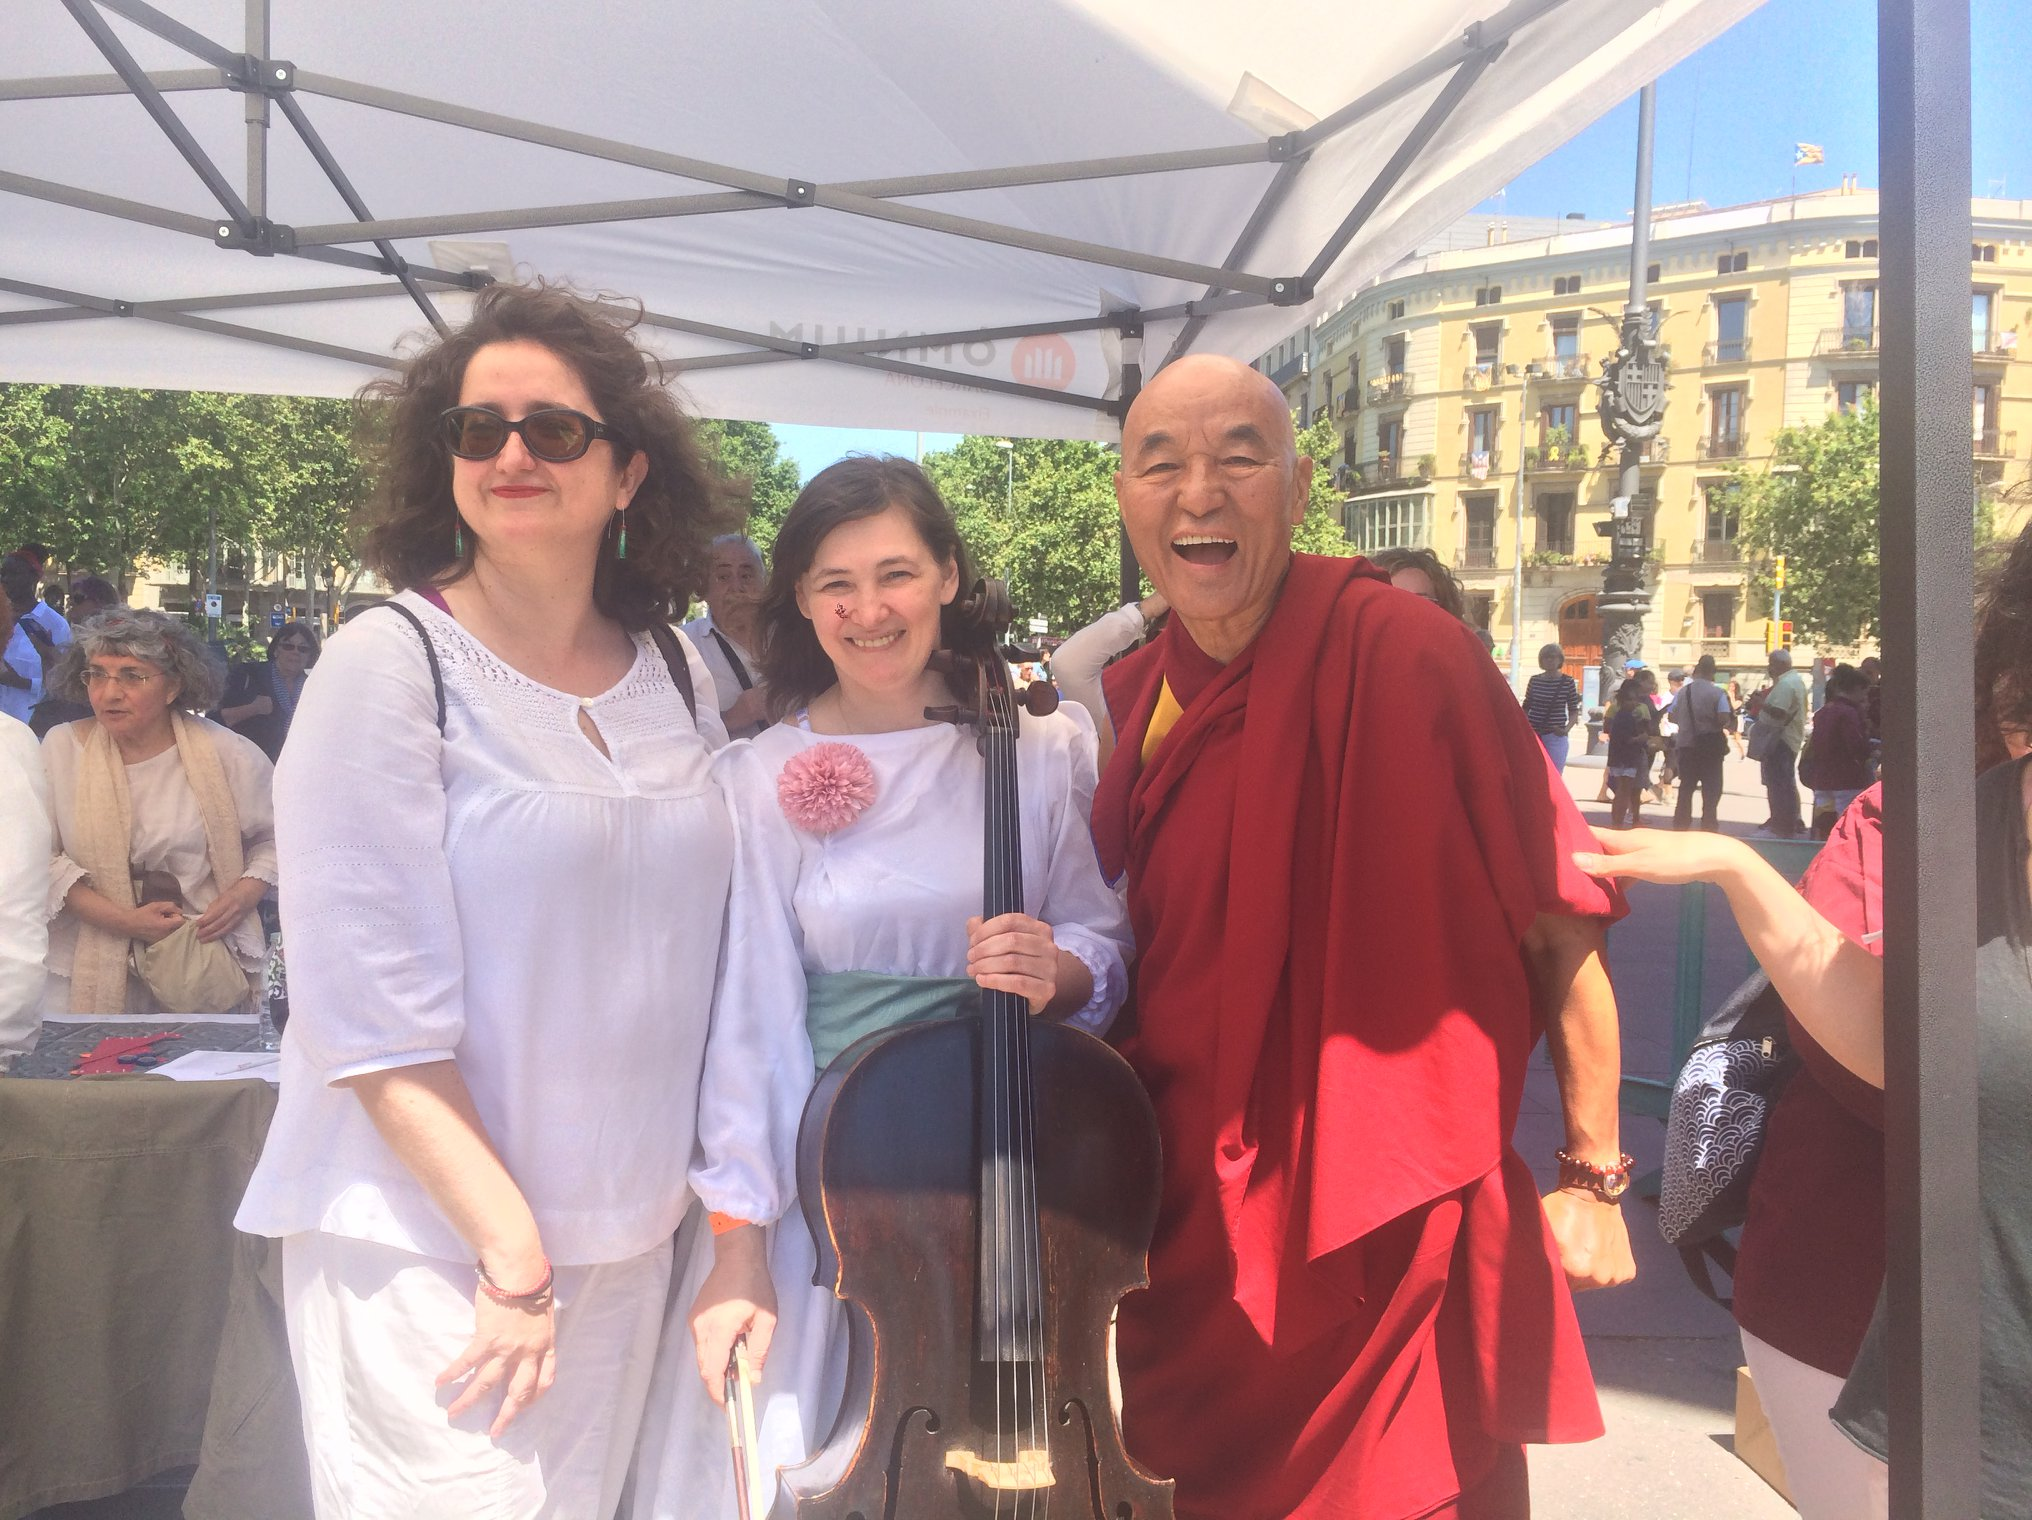 2a Caminada per la Pau. Thubten Wangchen i Sveta Tovstukha